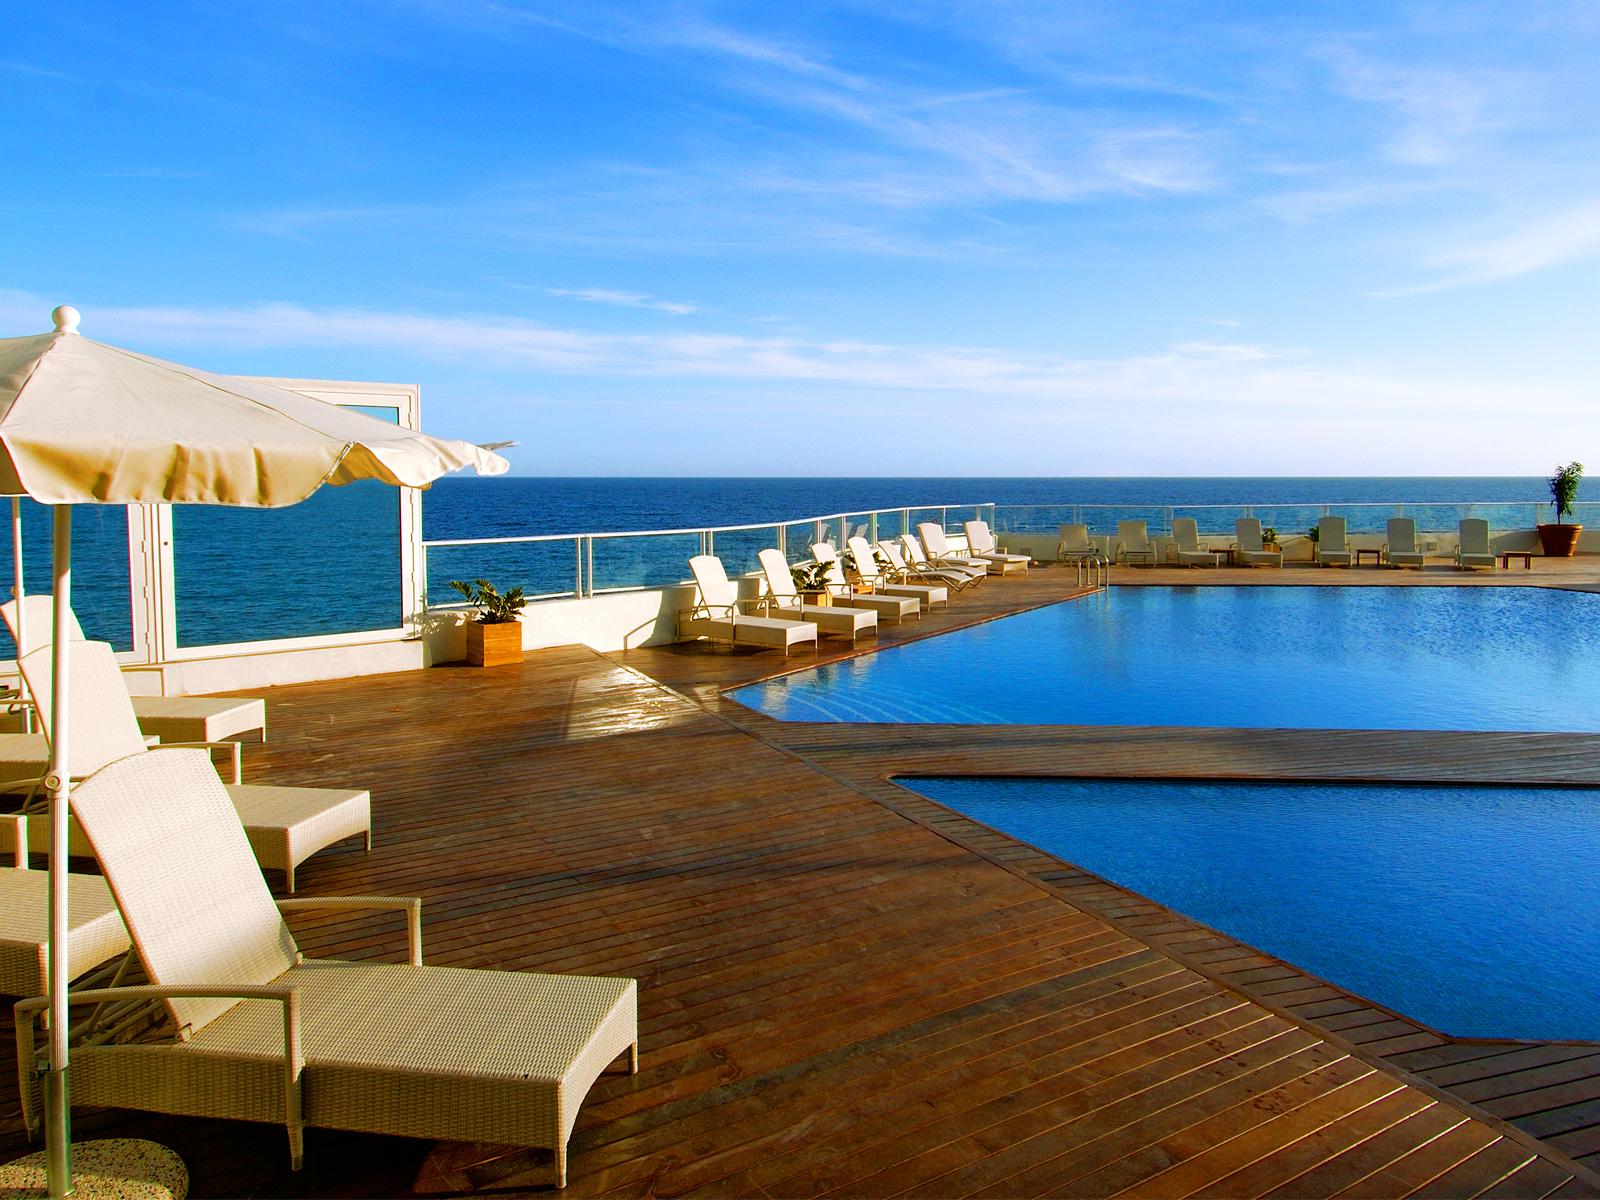 Piscine Extérieure - Vincci Tenerife Golf 4*